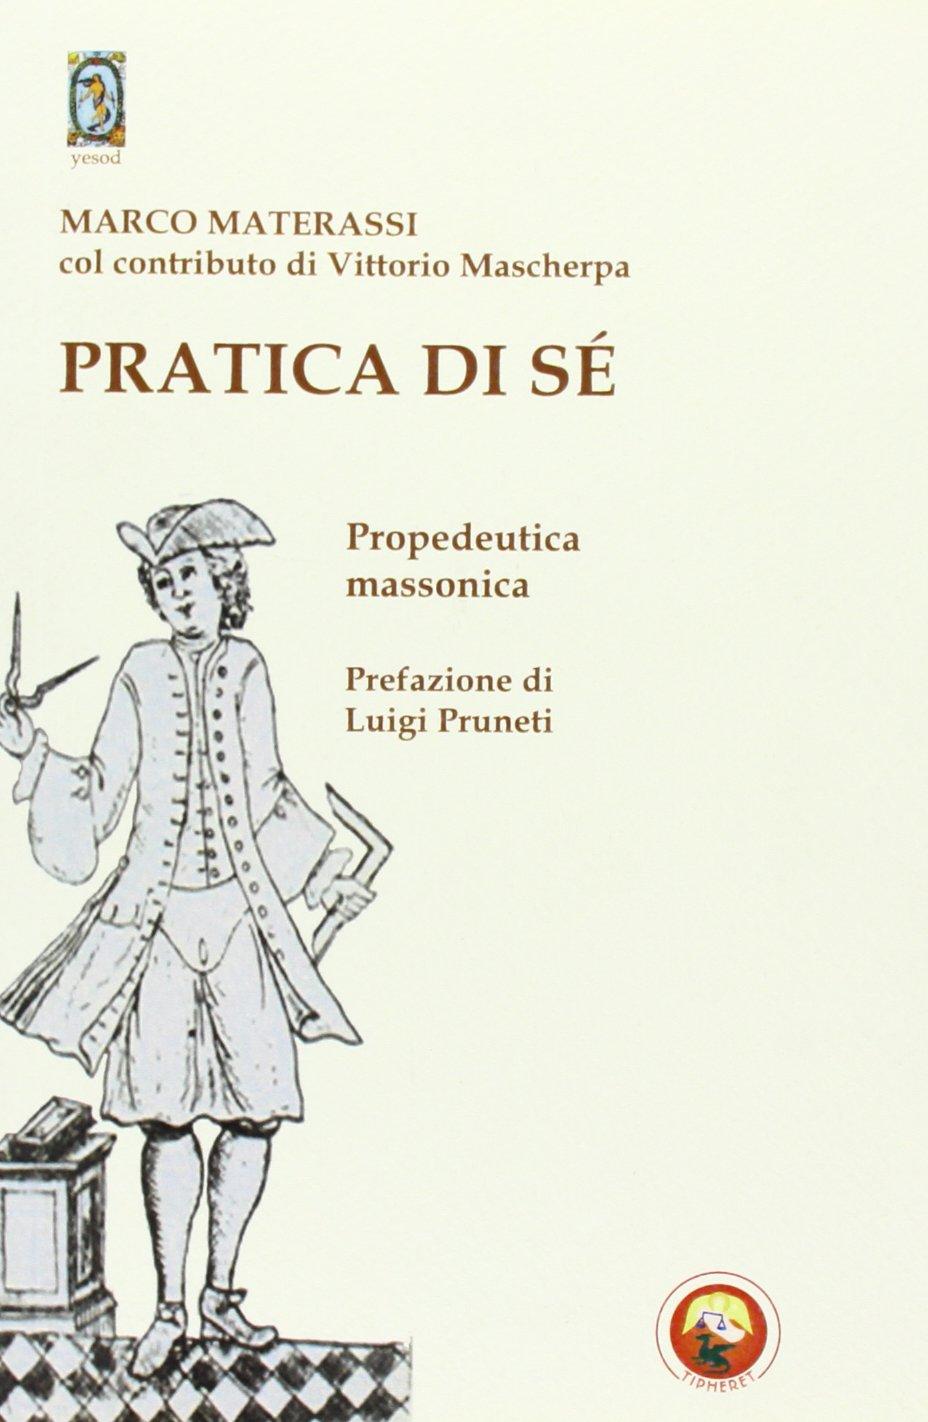 Pratica di sé. Propedeutica massonica PDF